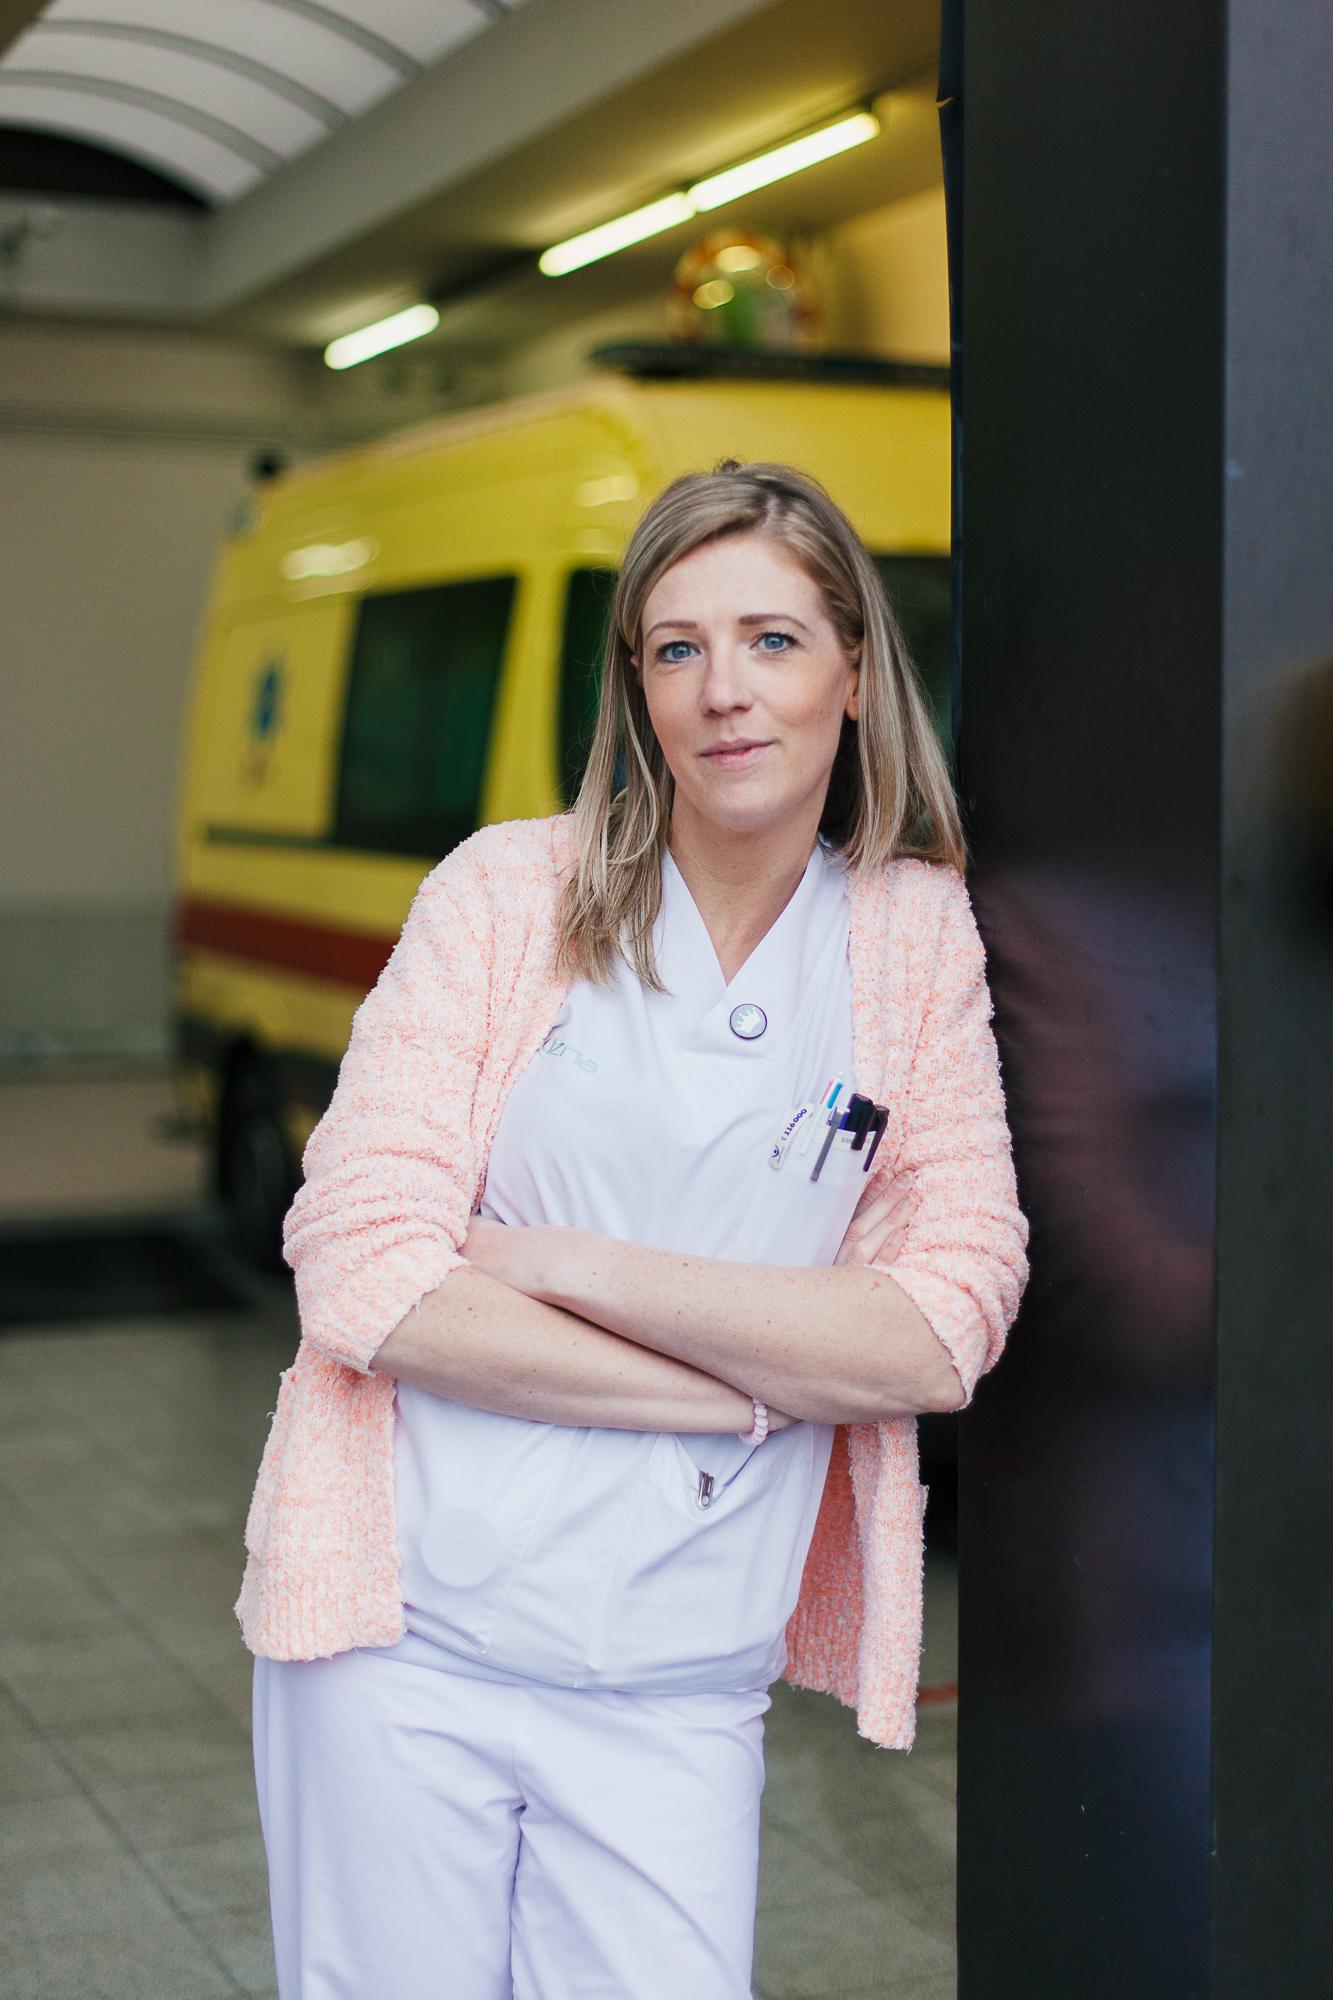 Caro ten Hove is verpleegkundige op spoed in Stuivenberg. © Mathias Hannes